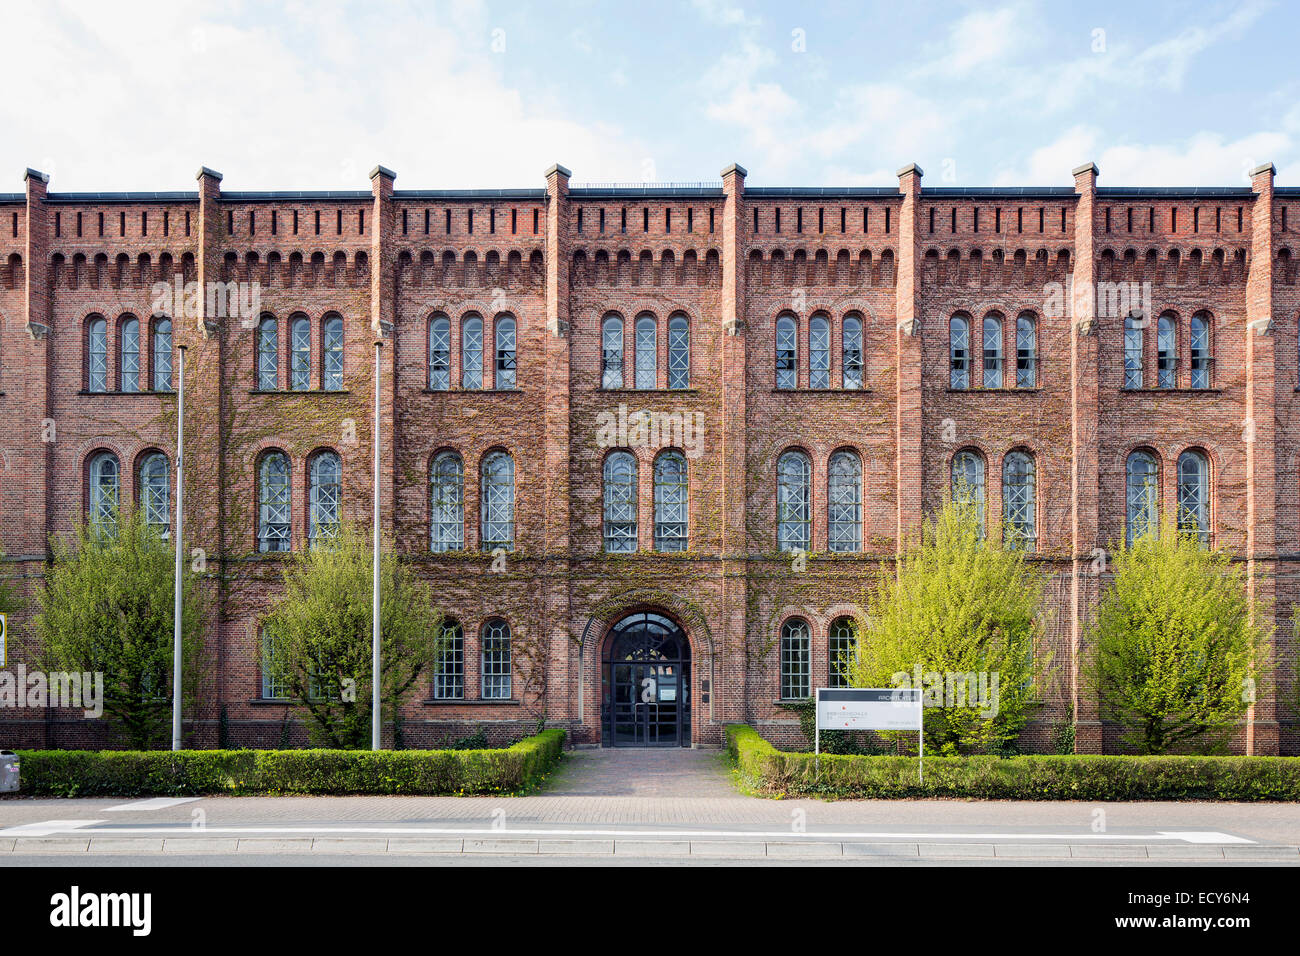 Edificio principal del departamento de arquitectura, Universidad de Jade, Oldenburg, Baja Sajonia, Alemania Imagen De Stock